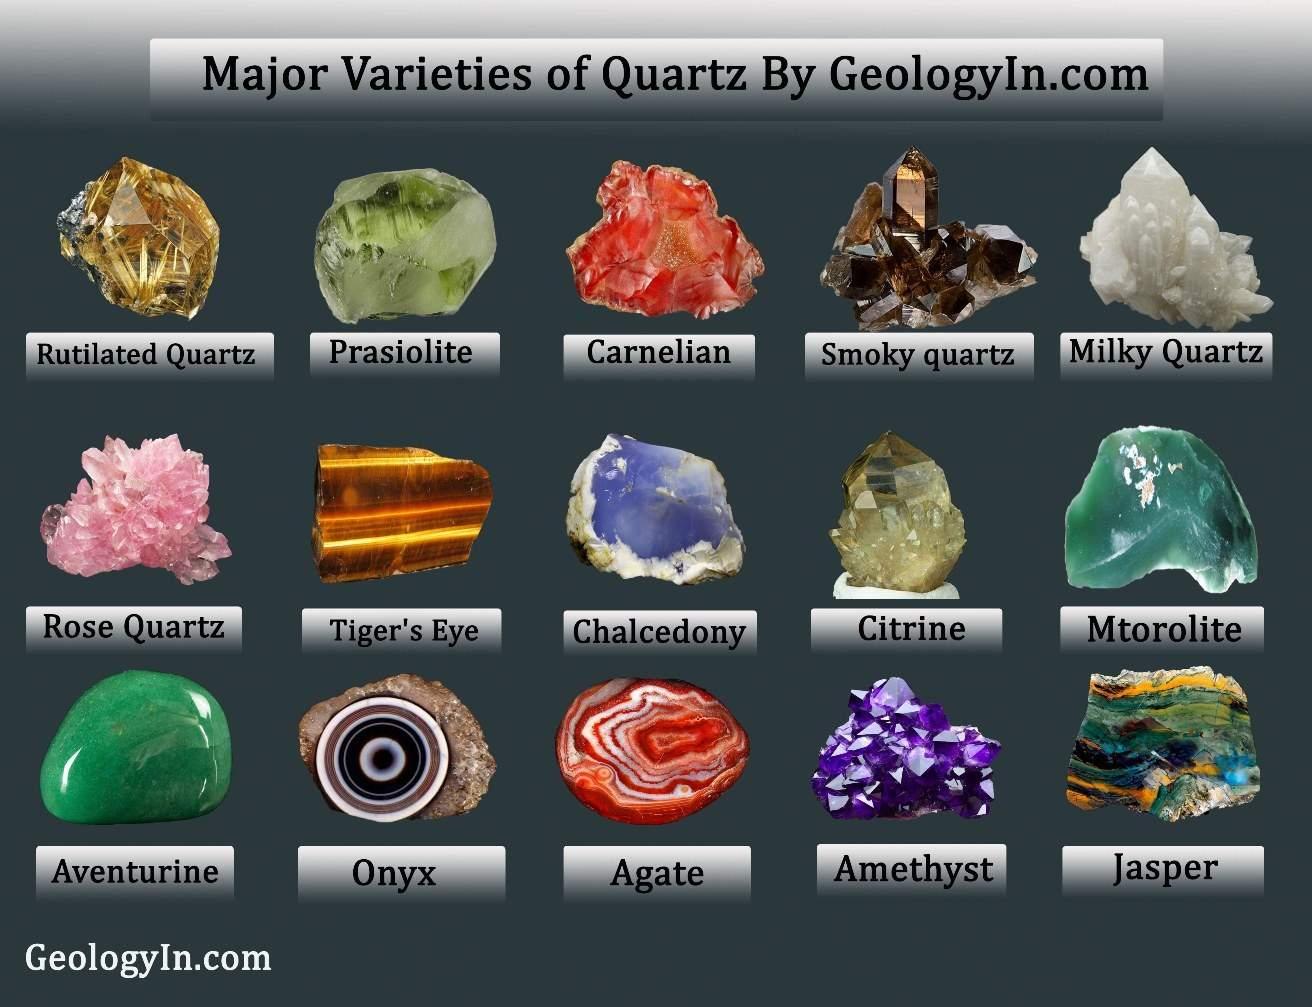 The Major Varieties Of Quartz Photos